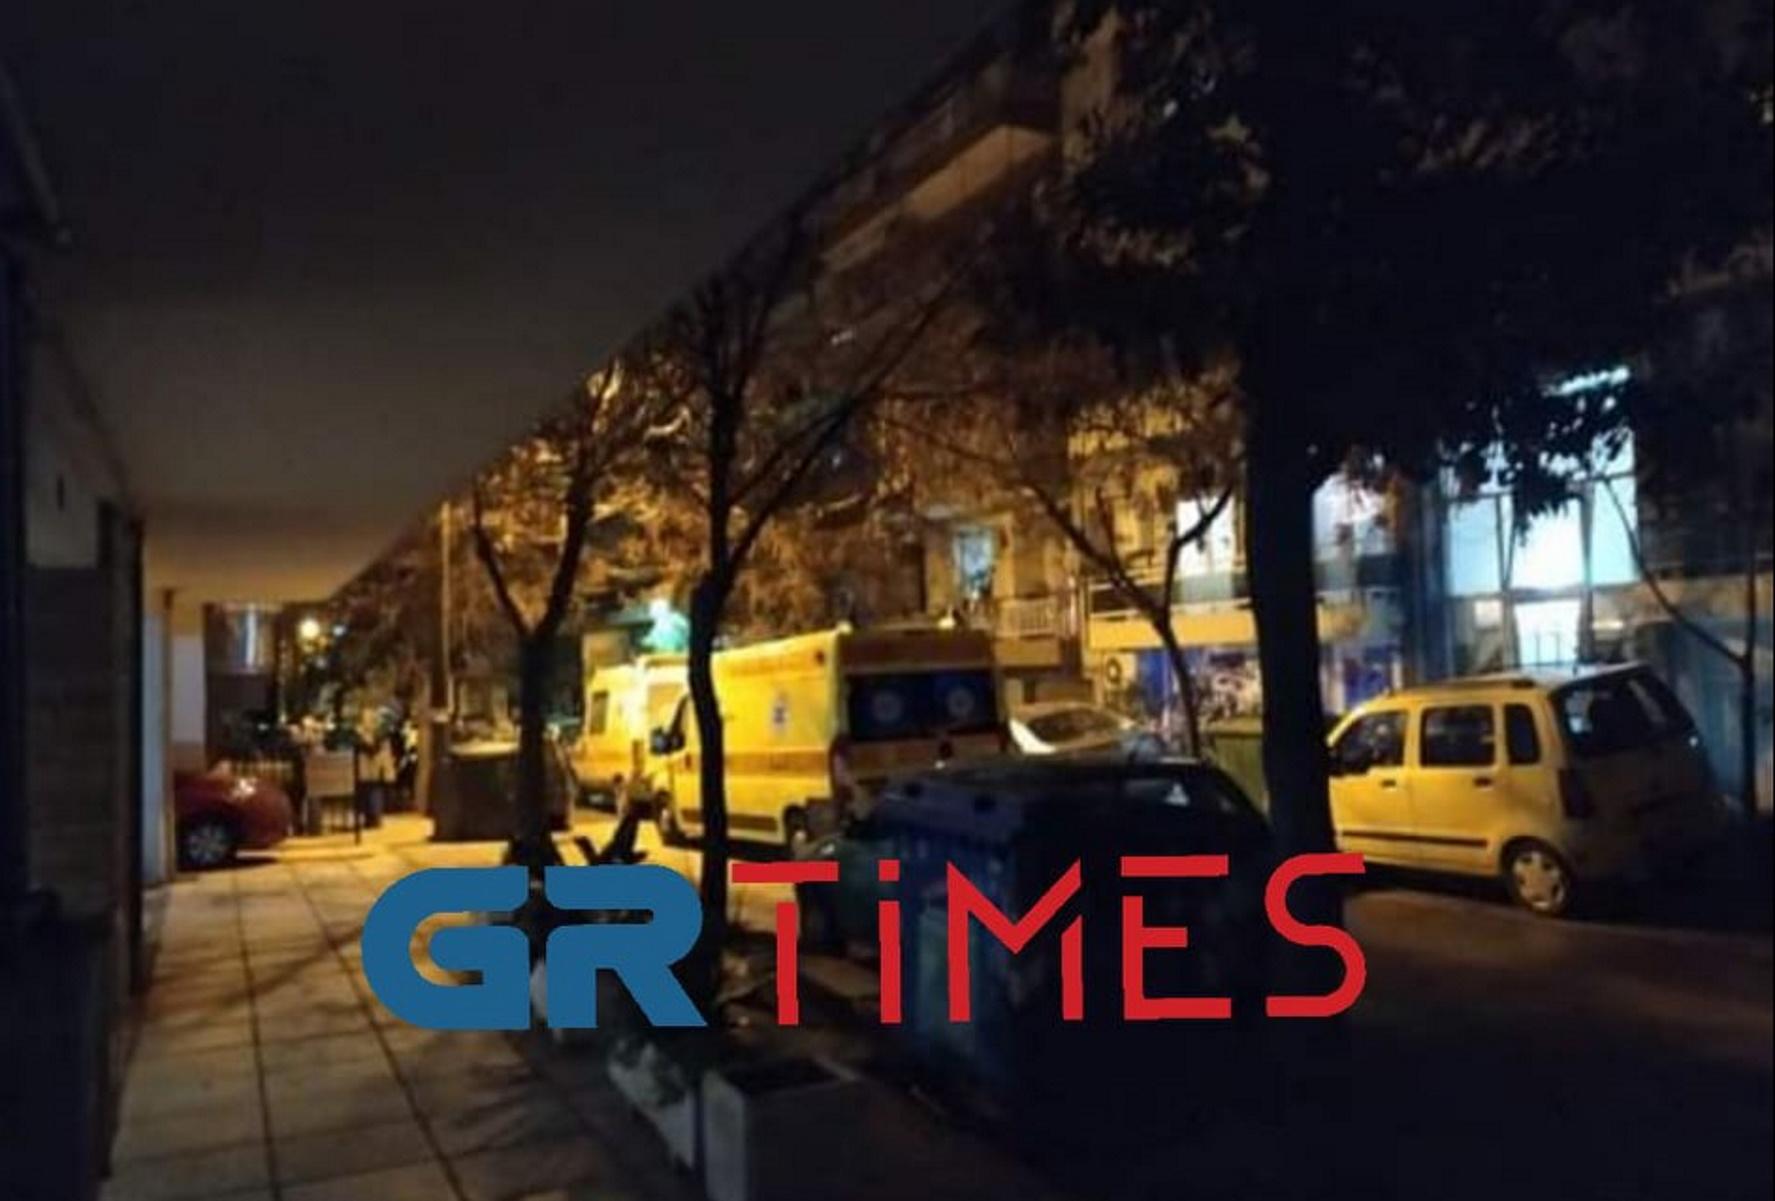 Θεσσαλονίκη: Βουτιά στο κενό για 55χρονη γυναίκα (pics, video)